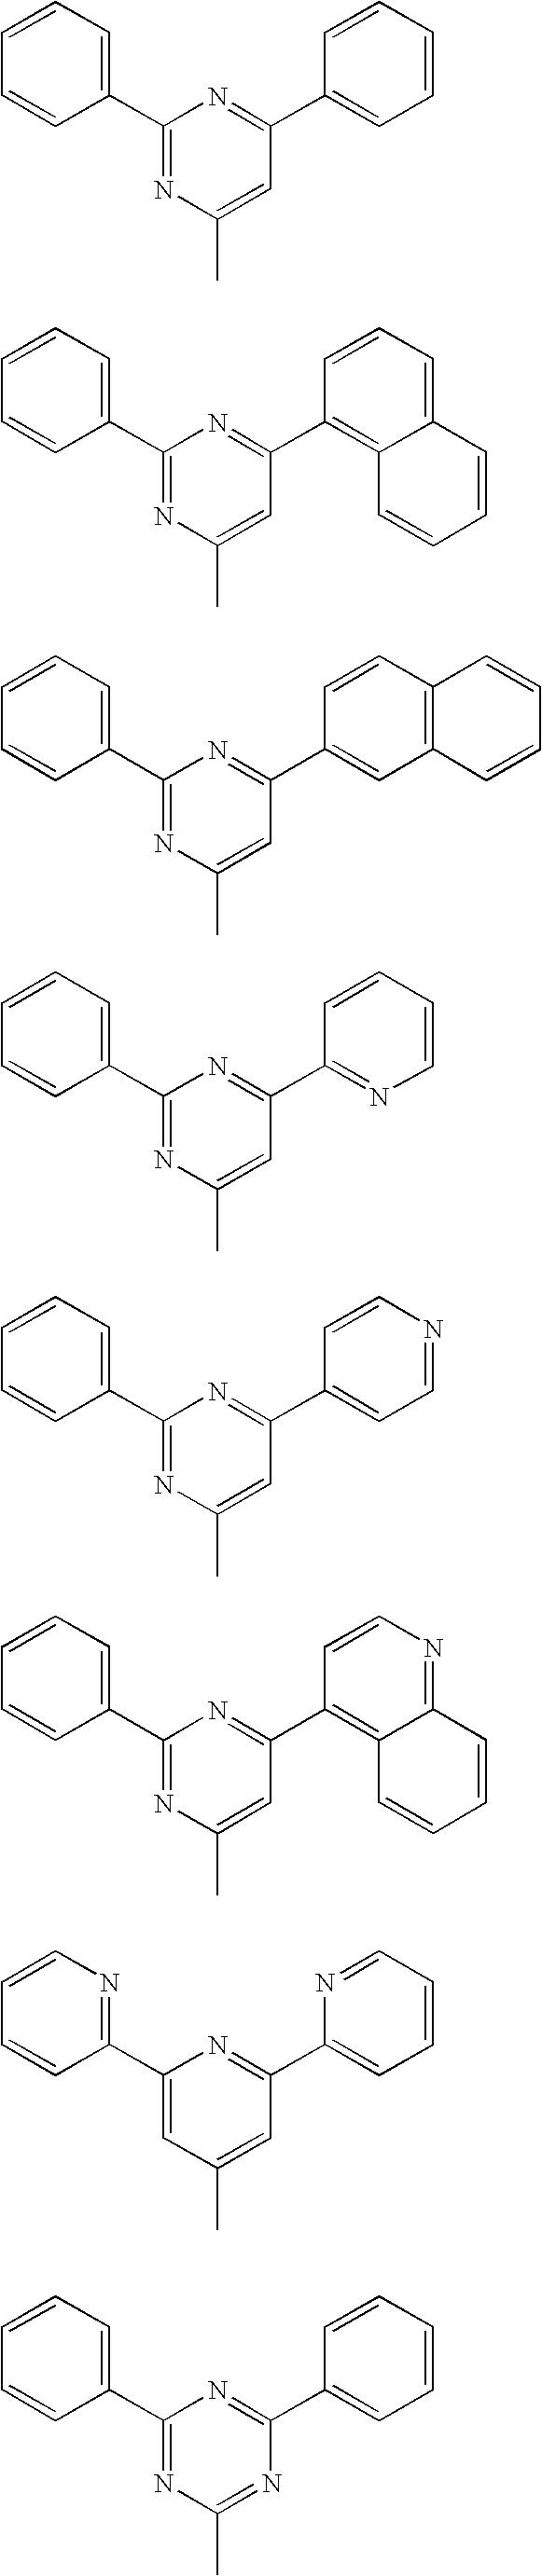 Figure US08779655-20140715-C00034